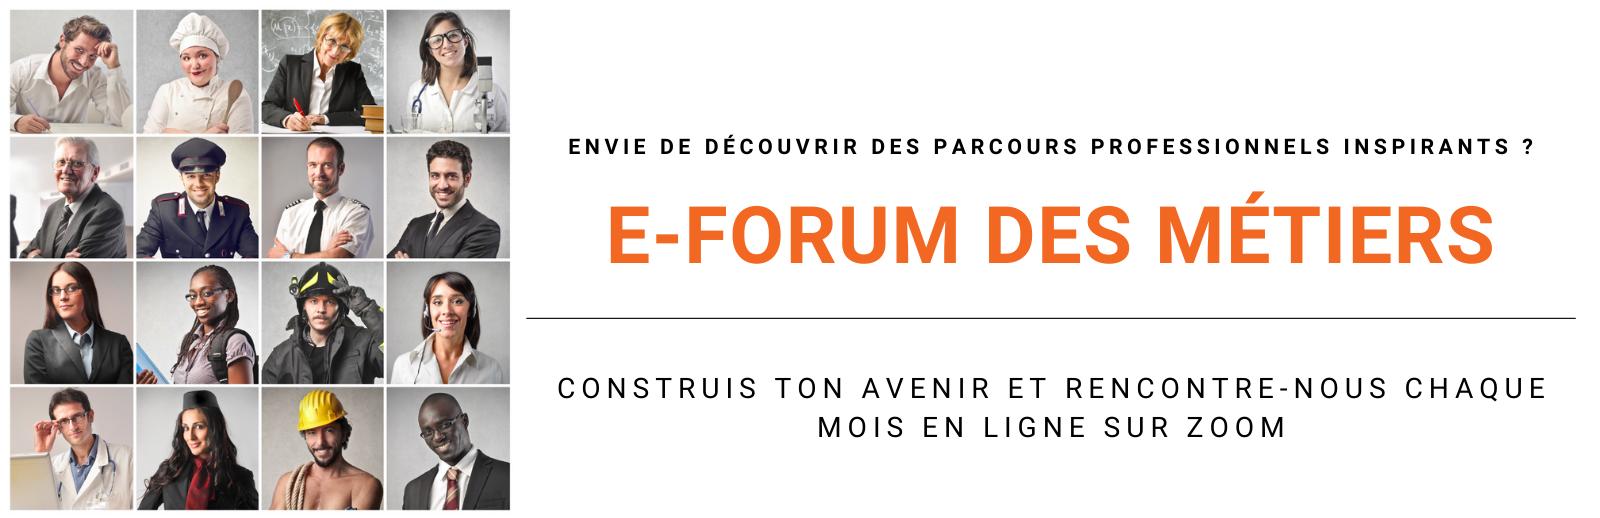 [ÉVÉNEMENT] Chaque mois, participez à notre E-Forum des métiers